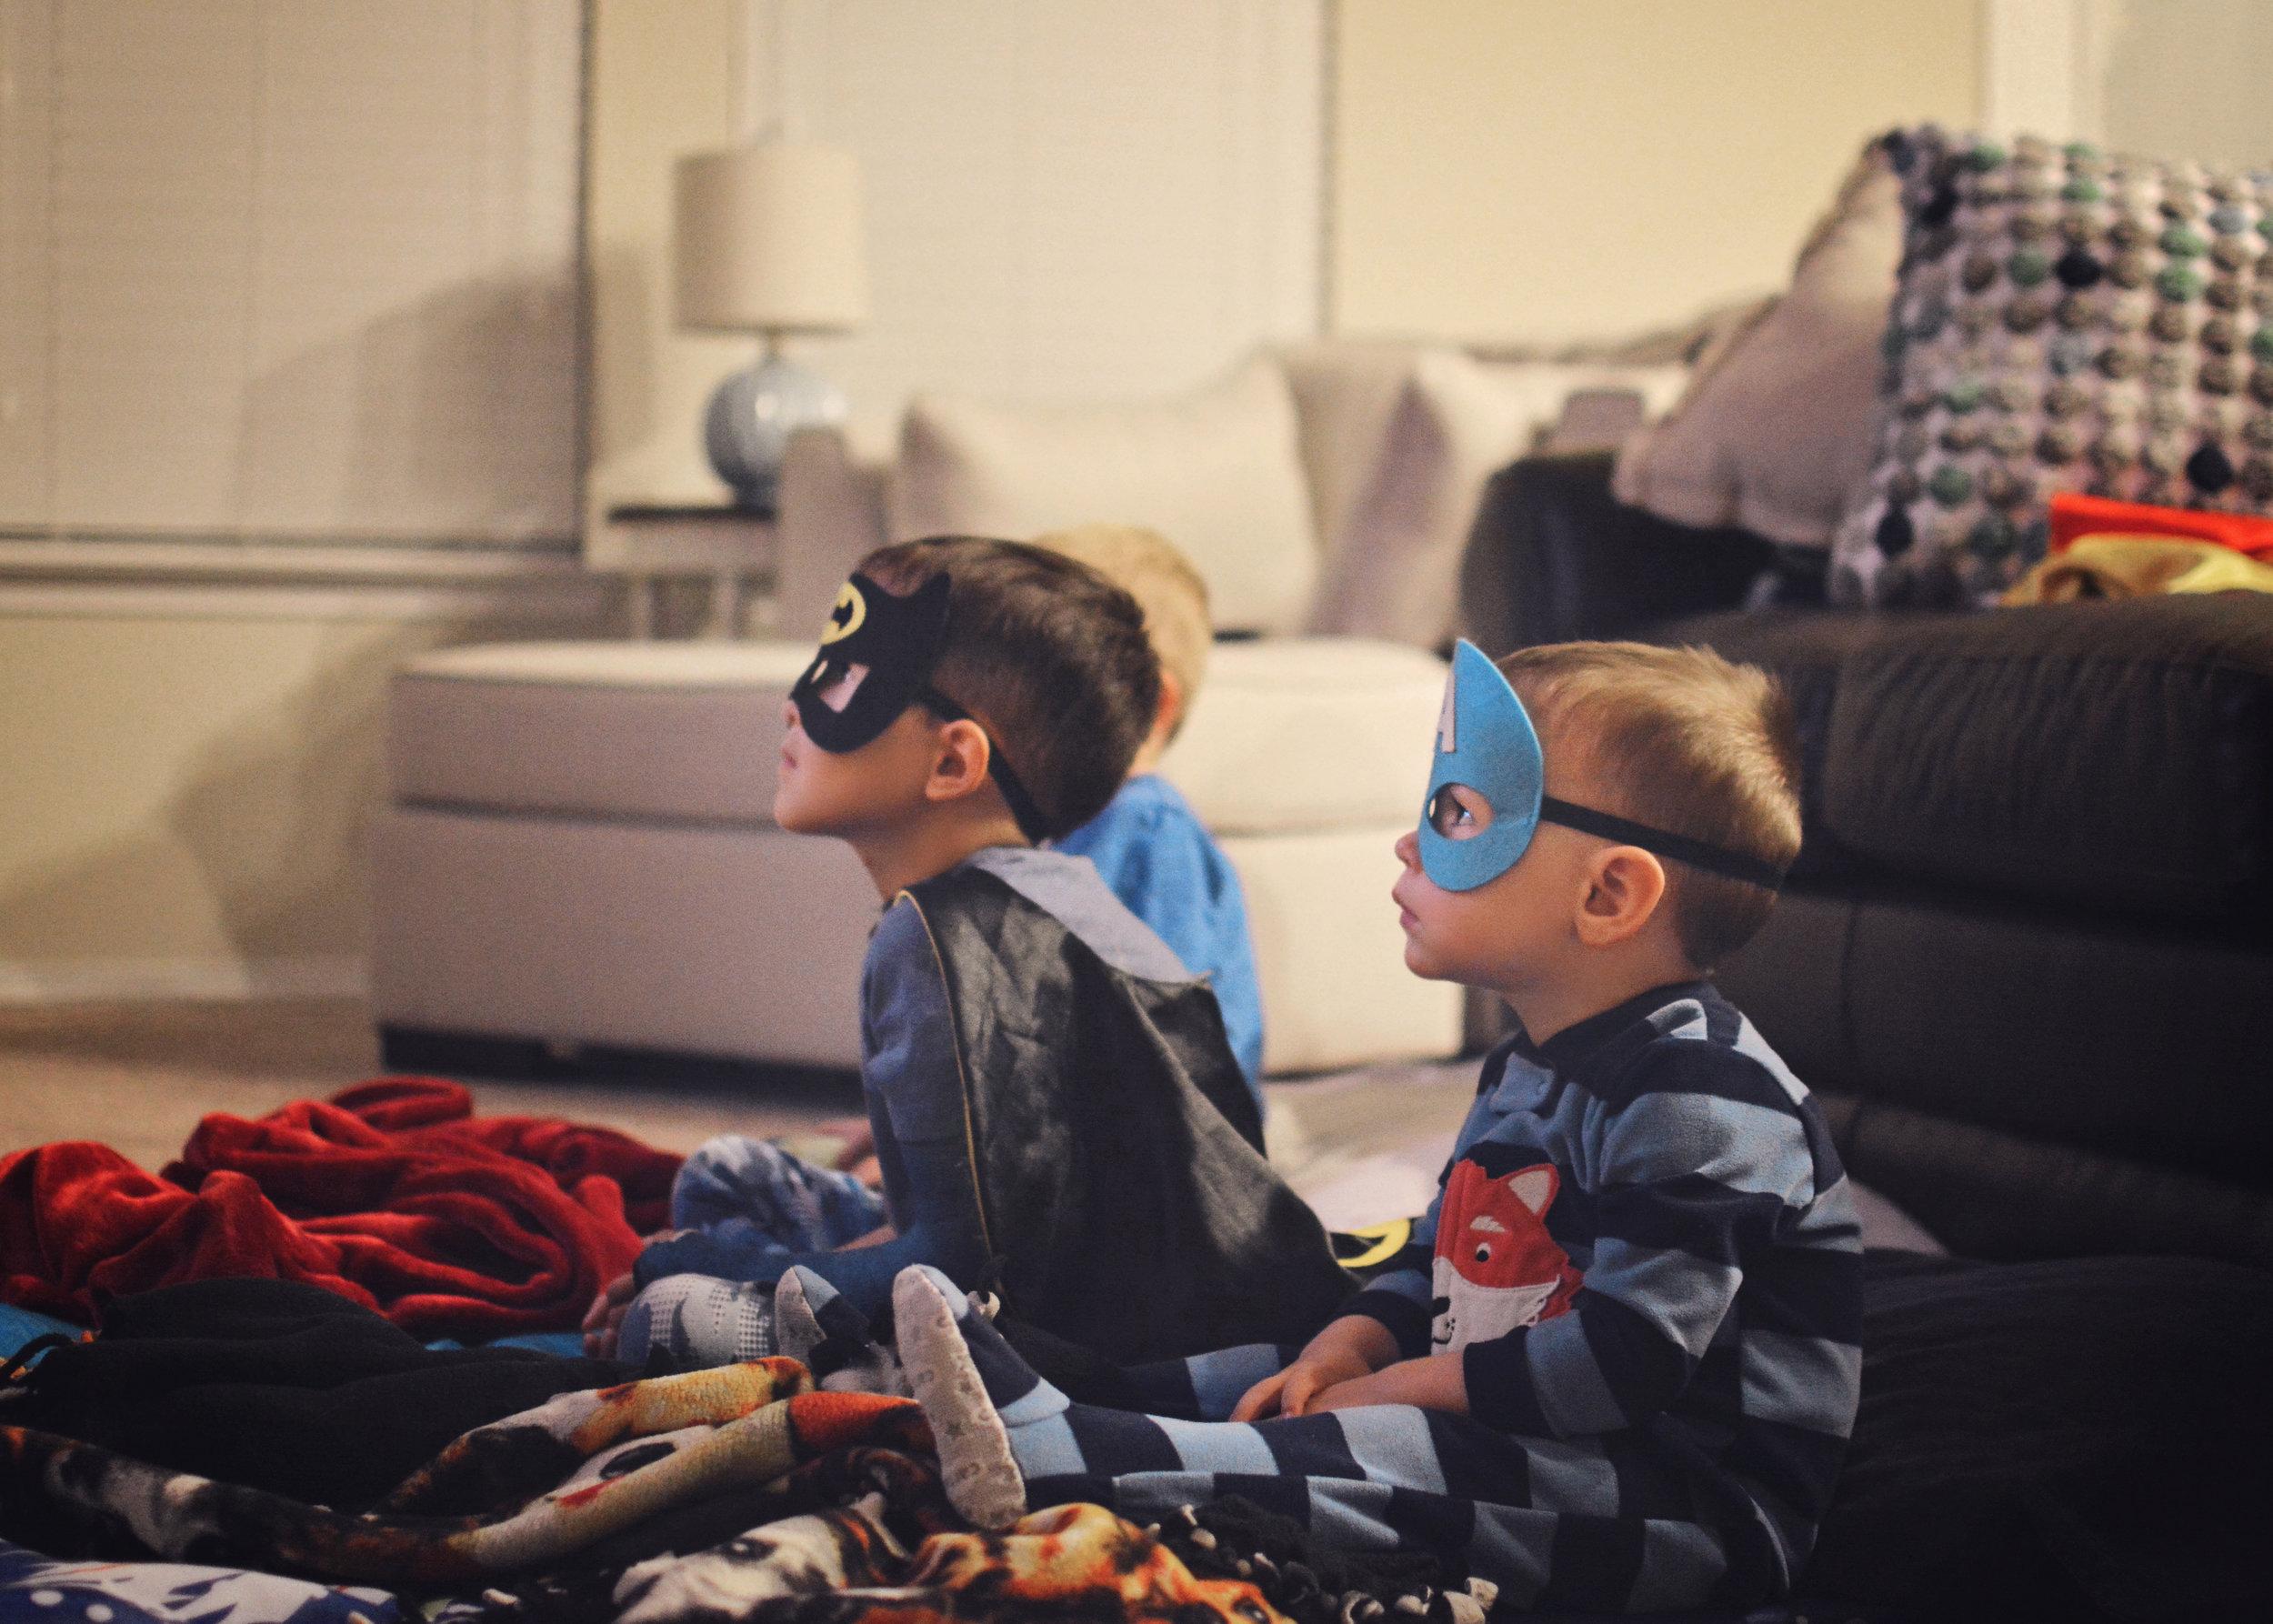 Our big boys enjoying a batman movie night